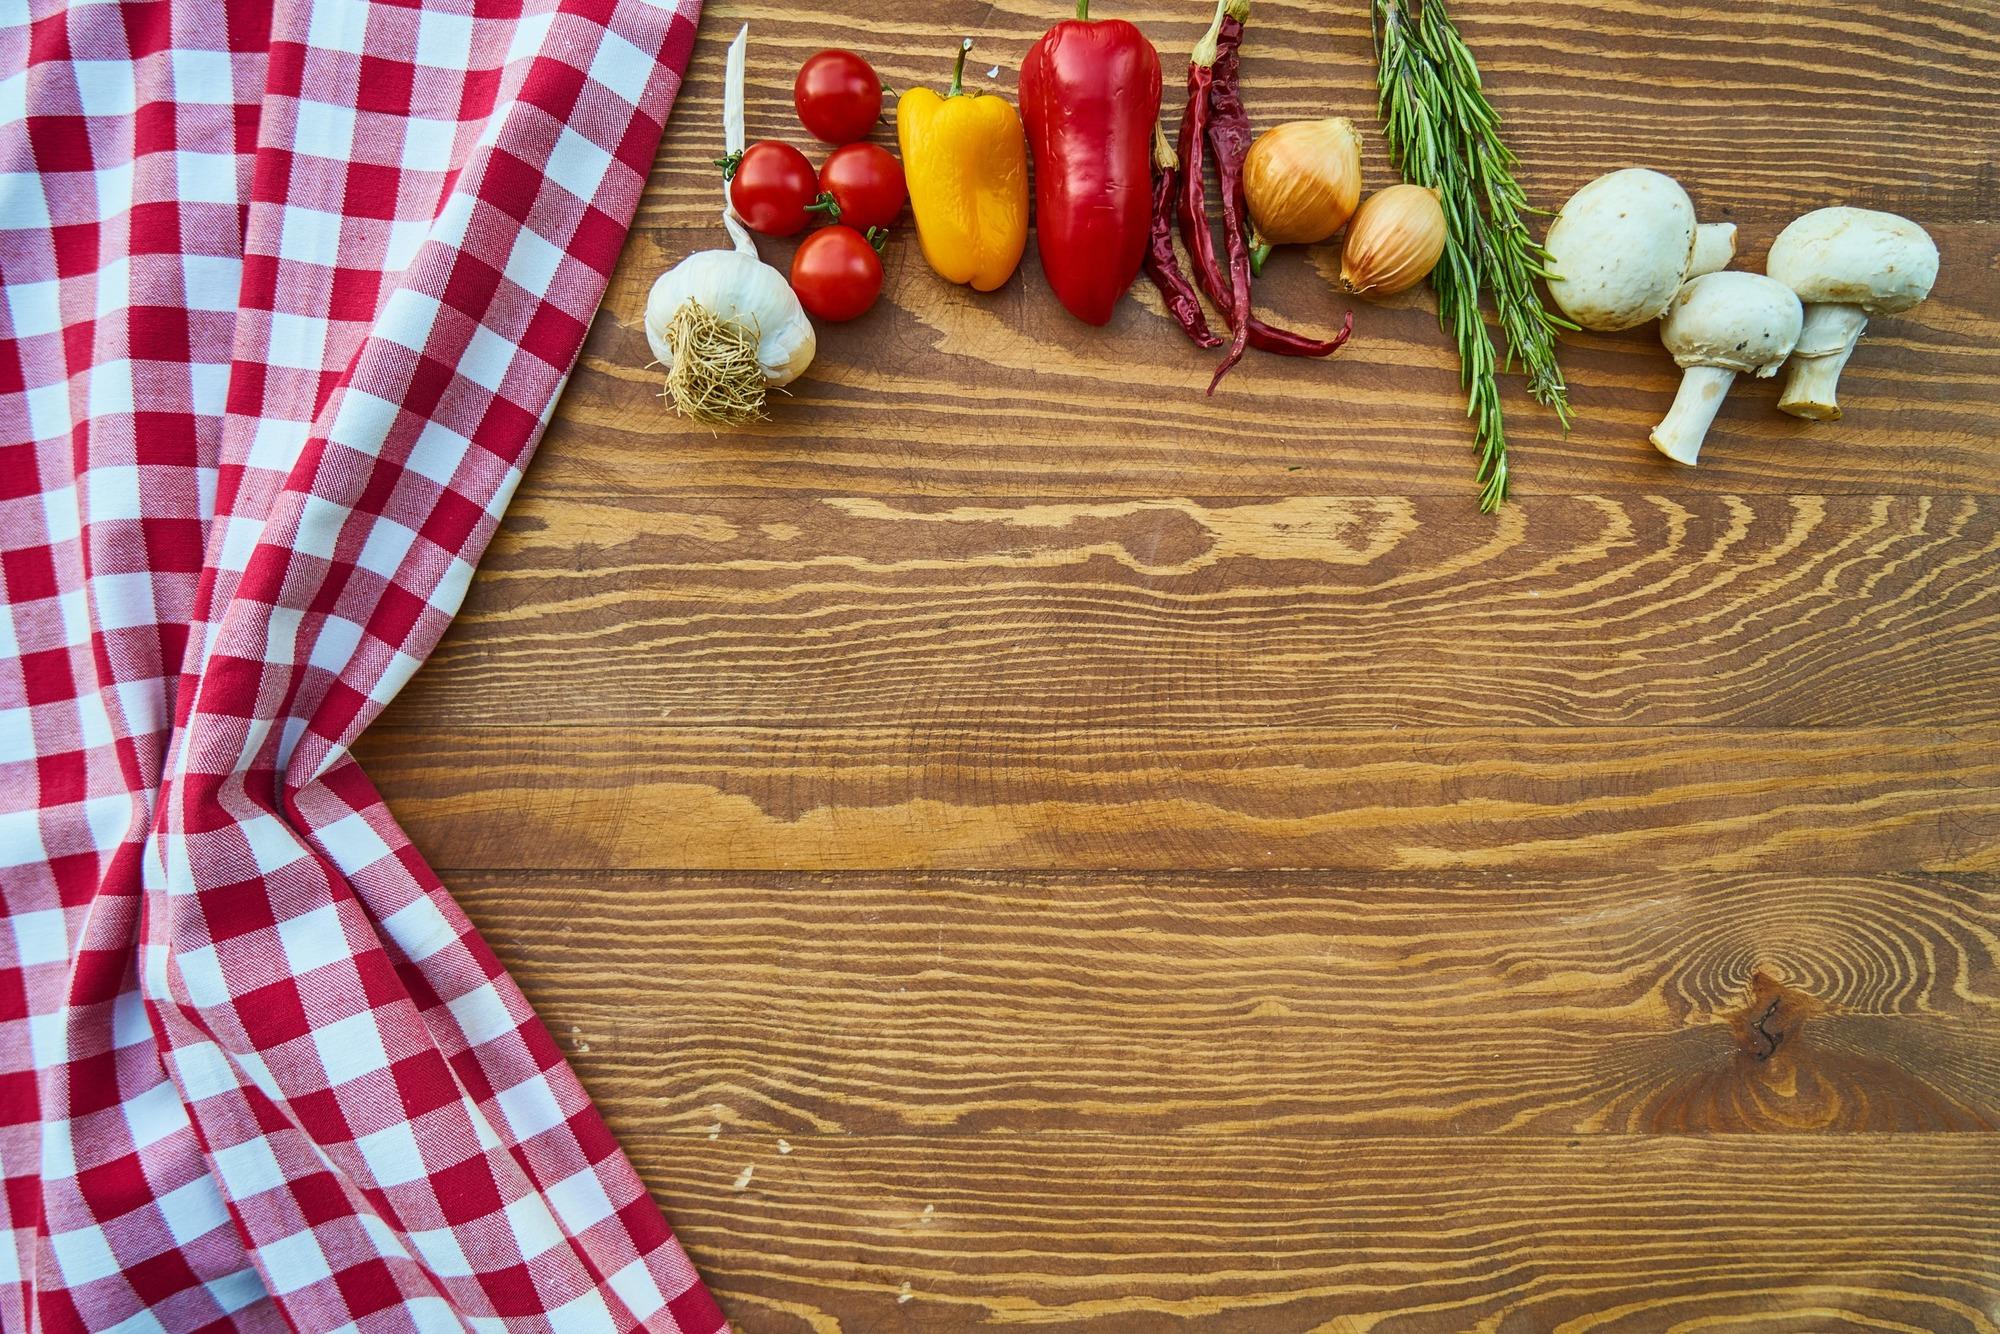 Исследователи из Microsoft создали умную ткань, распознающую продукты на столе